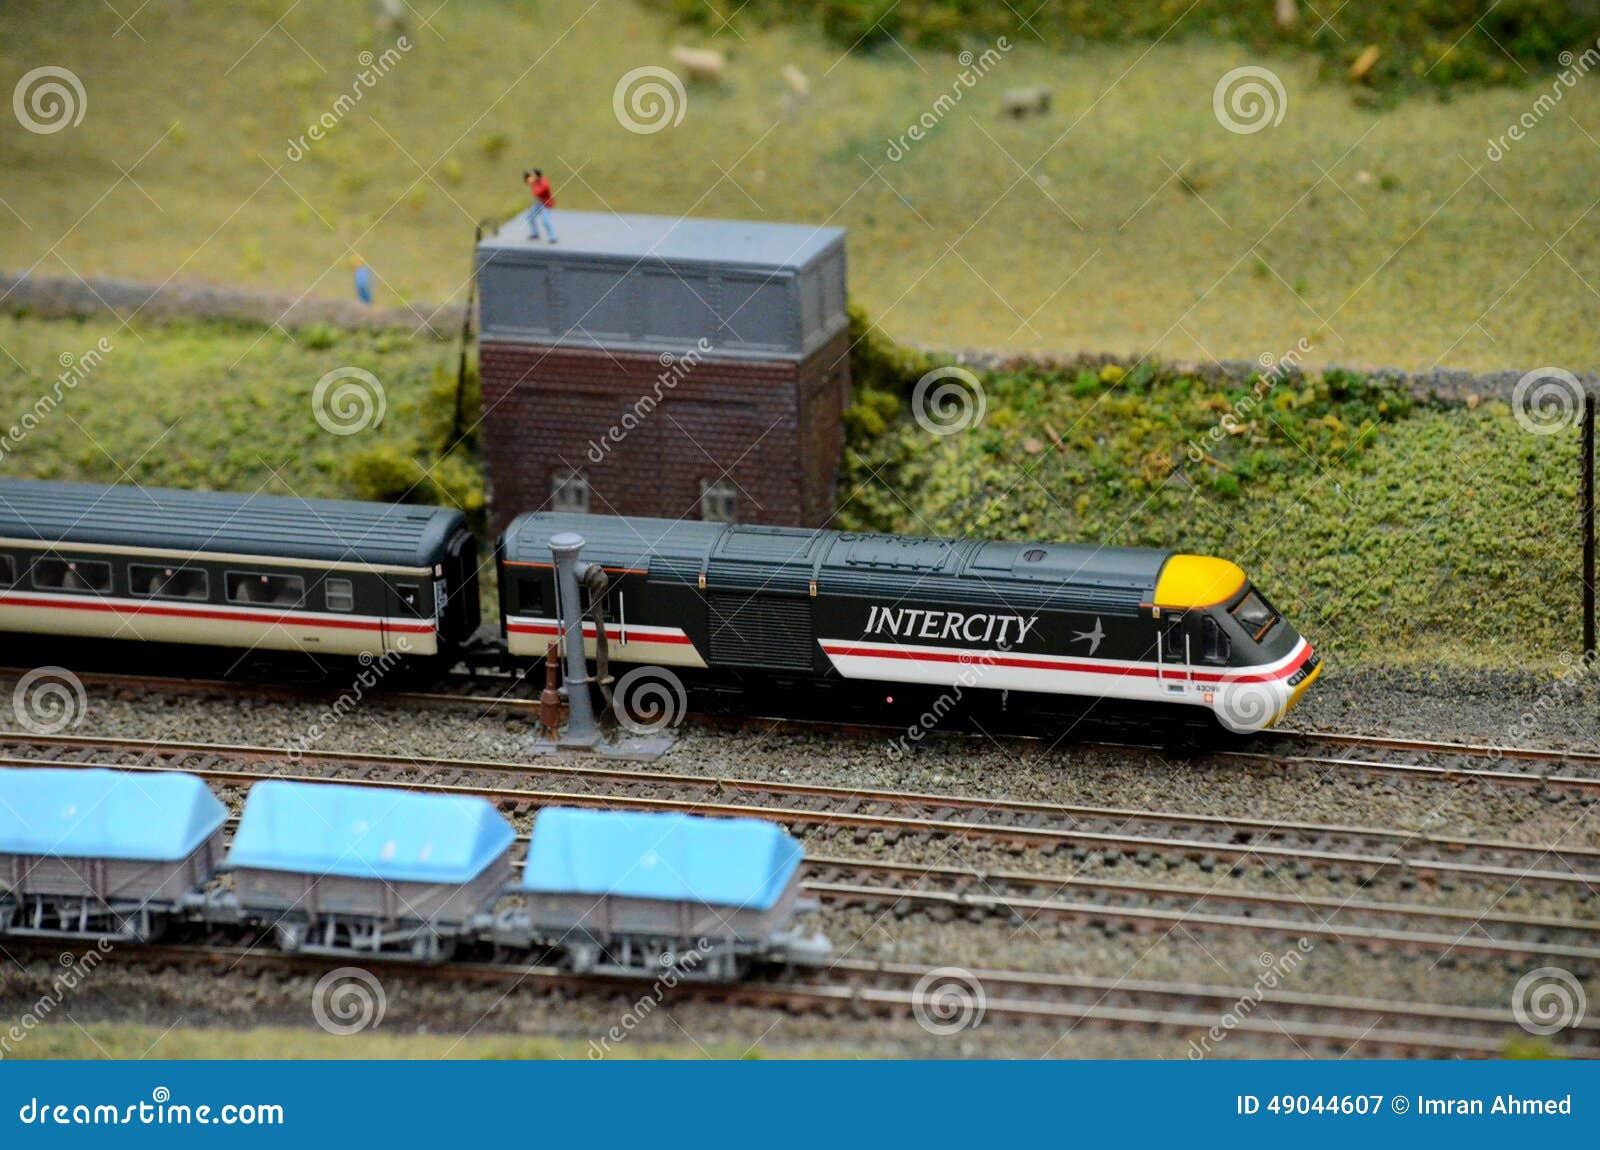 Βρετανικές intercity πρότυπες μηχανή και μεταφορά τραίνων σιδηροδρόμων